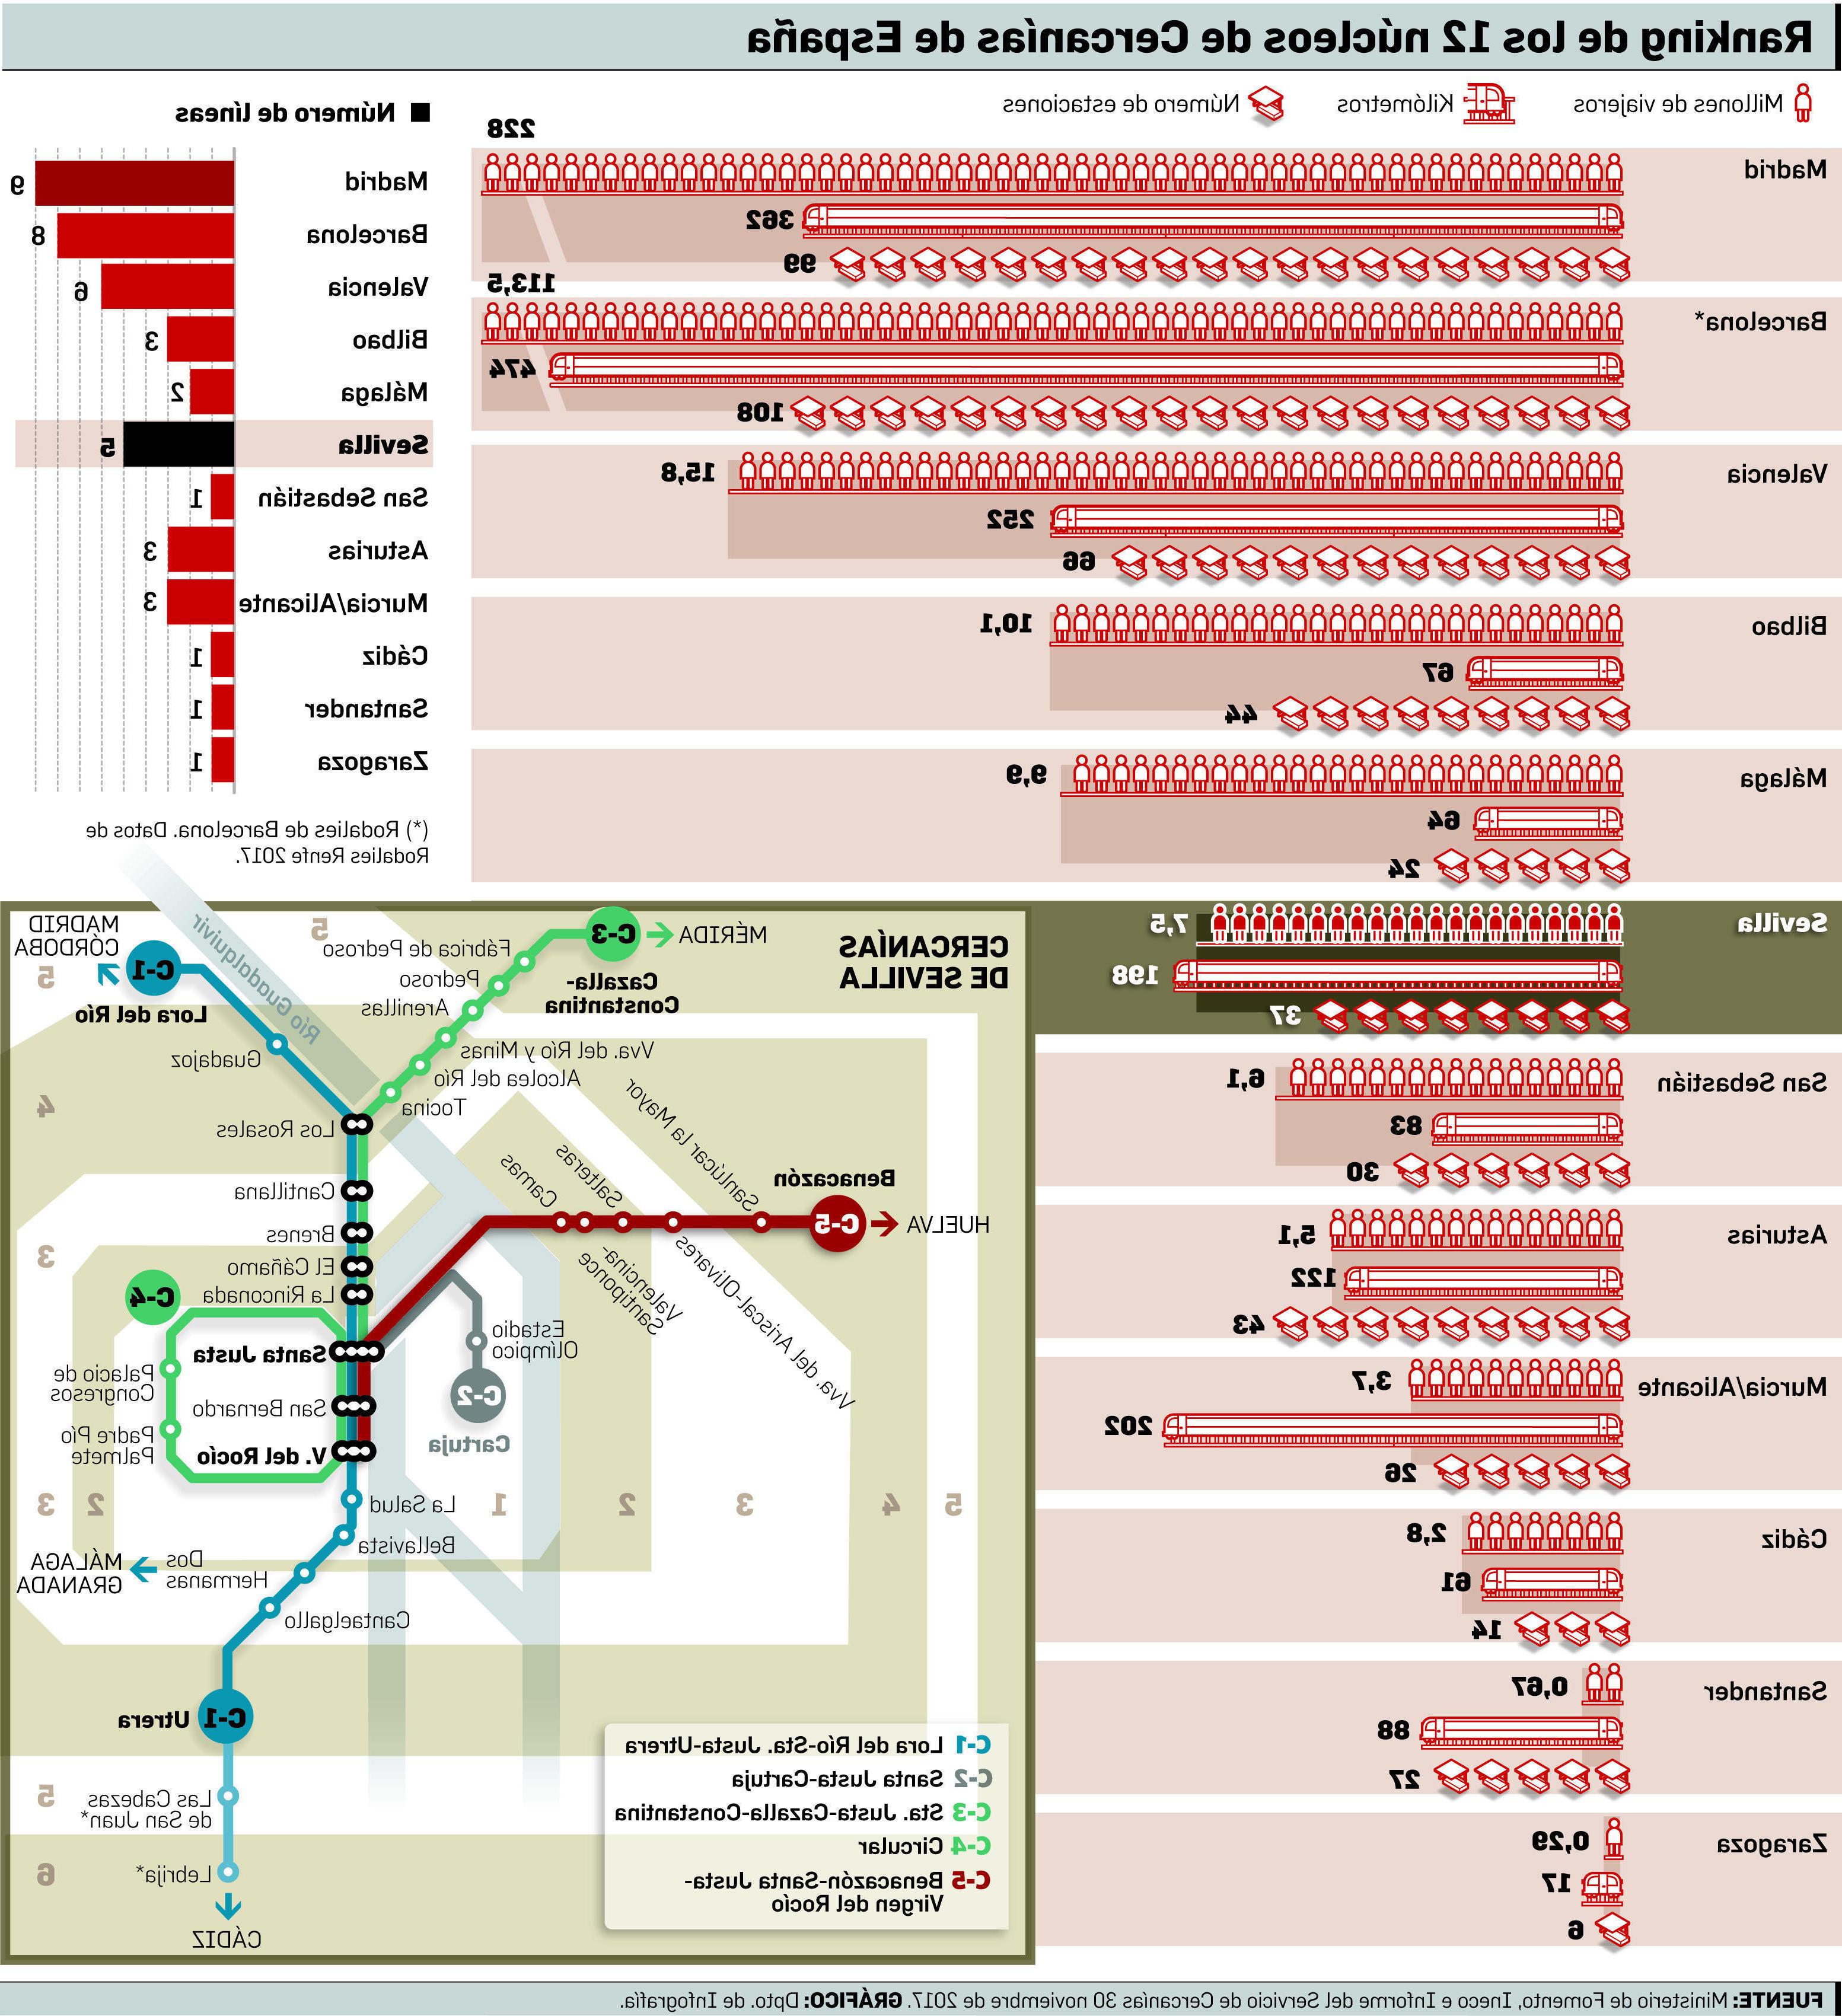 Horario Cercanias Sevilla X8d1 Cercanà as Sevilla Viajeros El Cercanà as De Sevilla Lejos Del